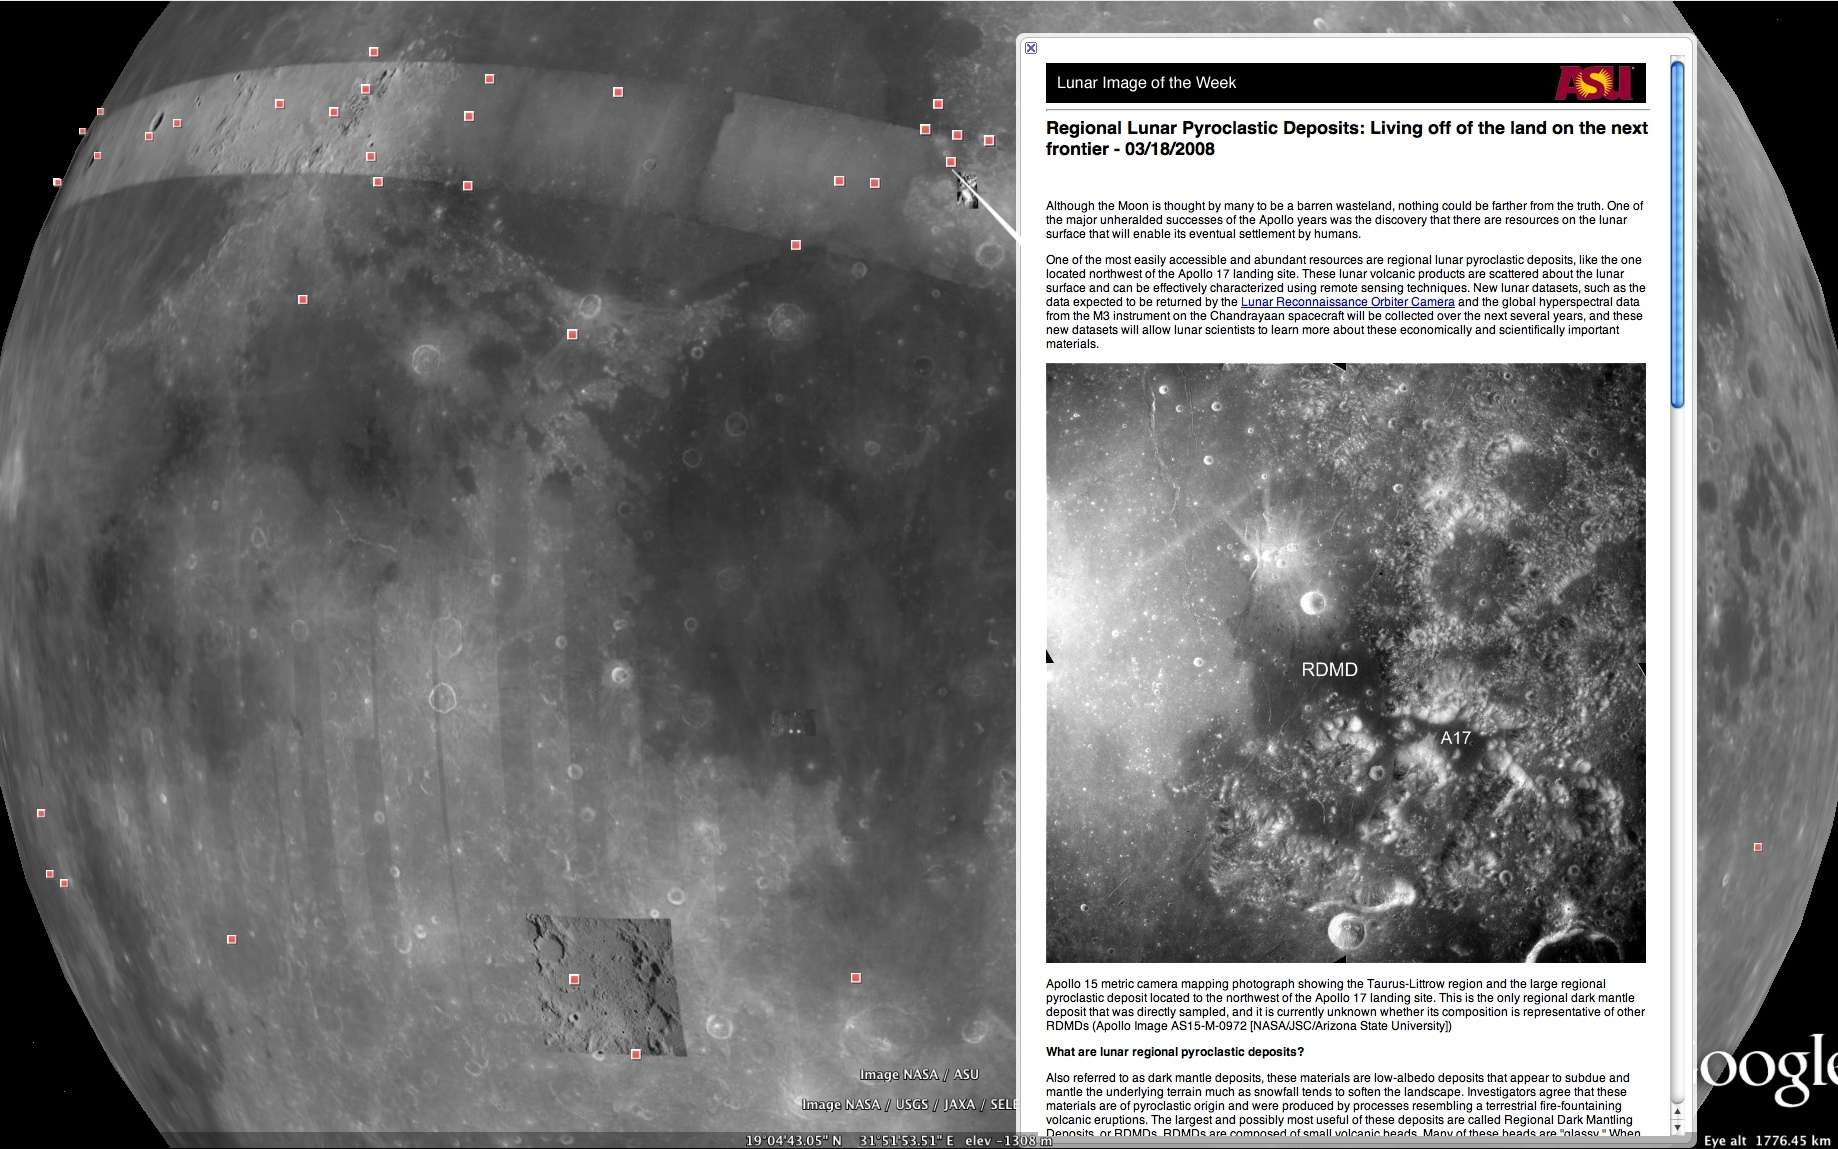 Un double clic sur Galerie d'images de la Lune affiche une carte générale avec l'emplacement des sites pour lesquels des photographies ou des informations sont disponibles. © DR